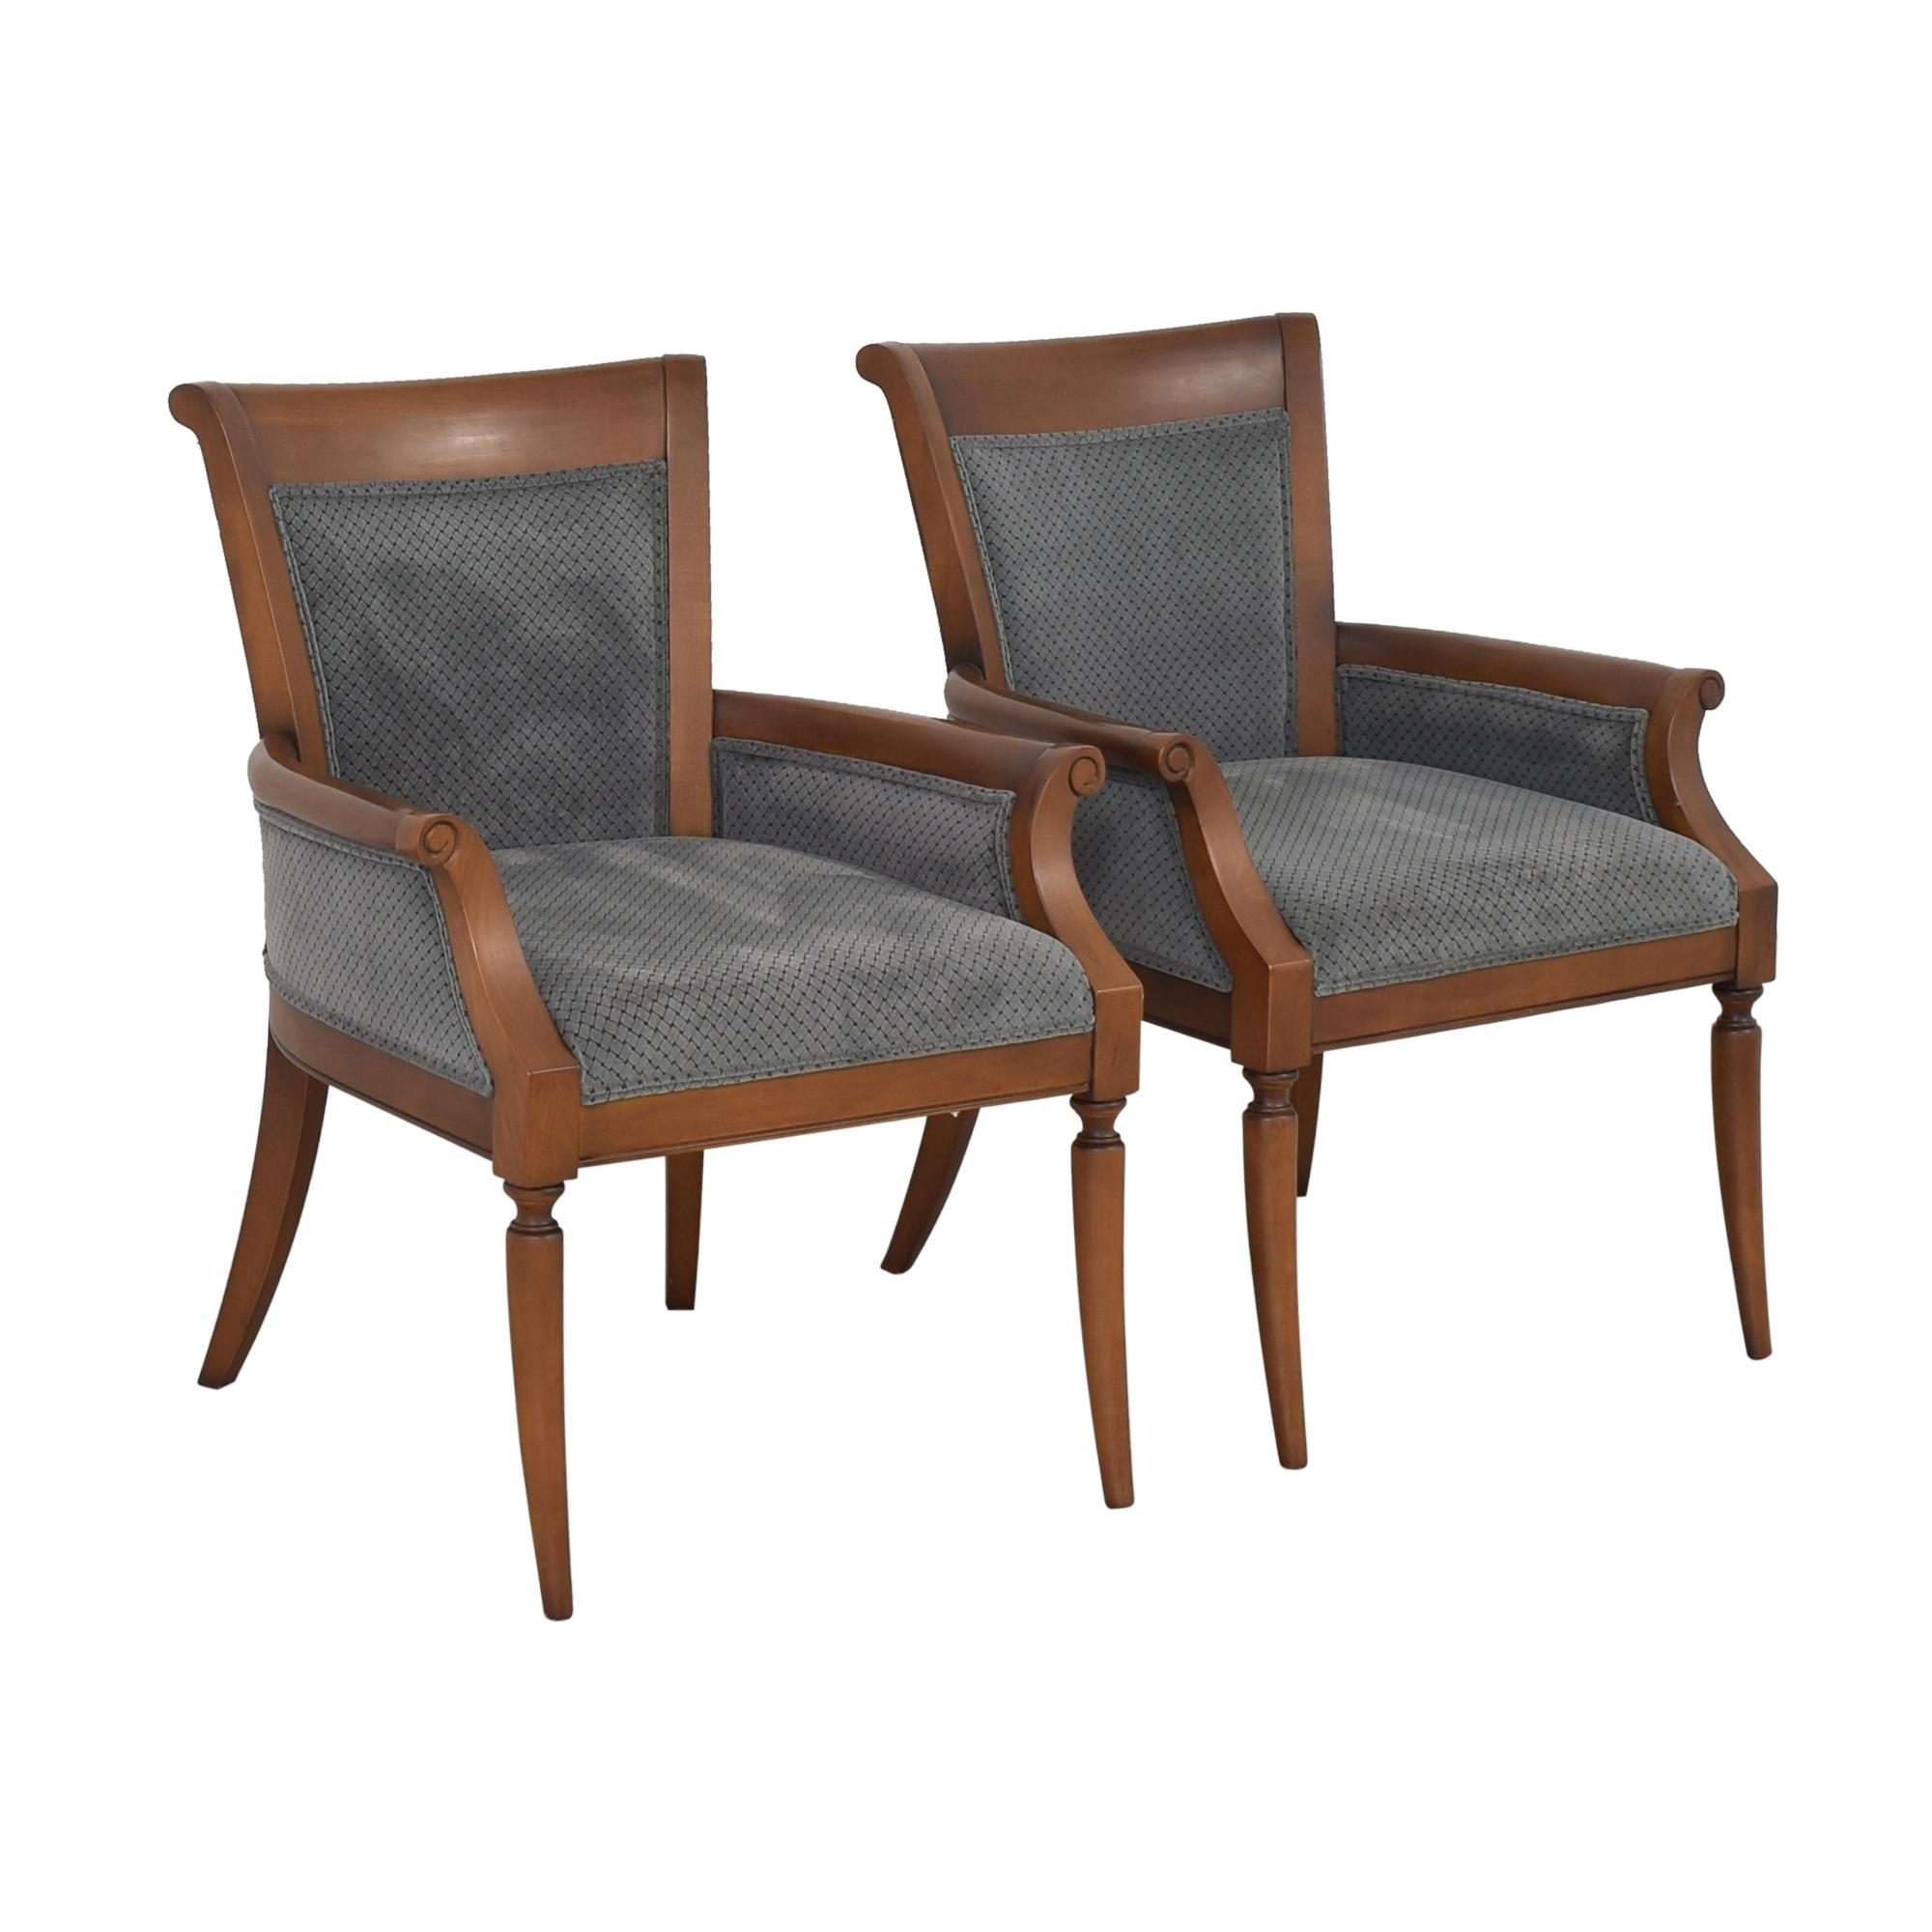 shop Hekman Furniture Hekman Aberdeen Accent Chairs online